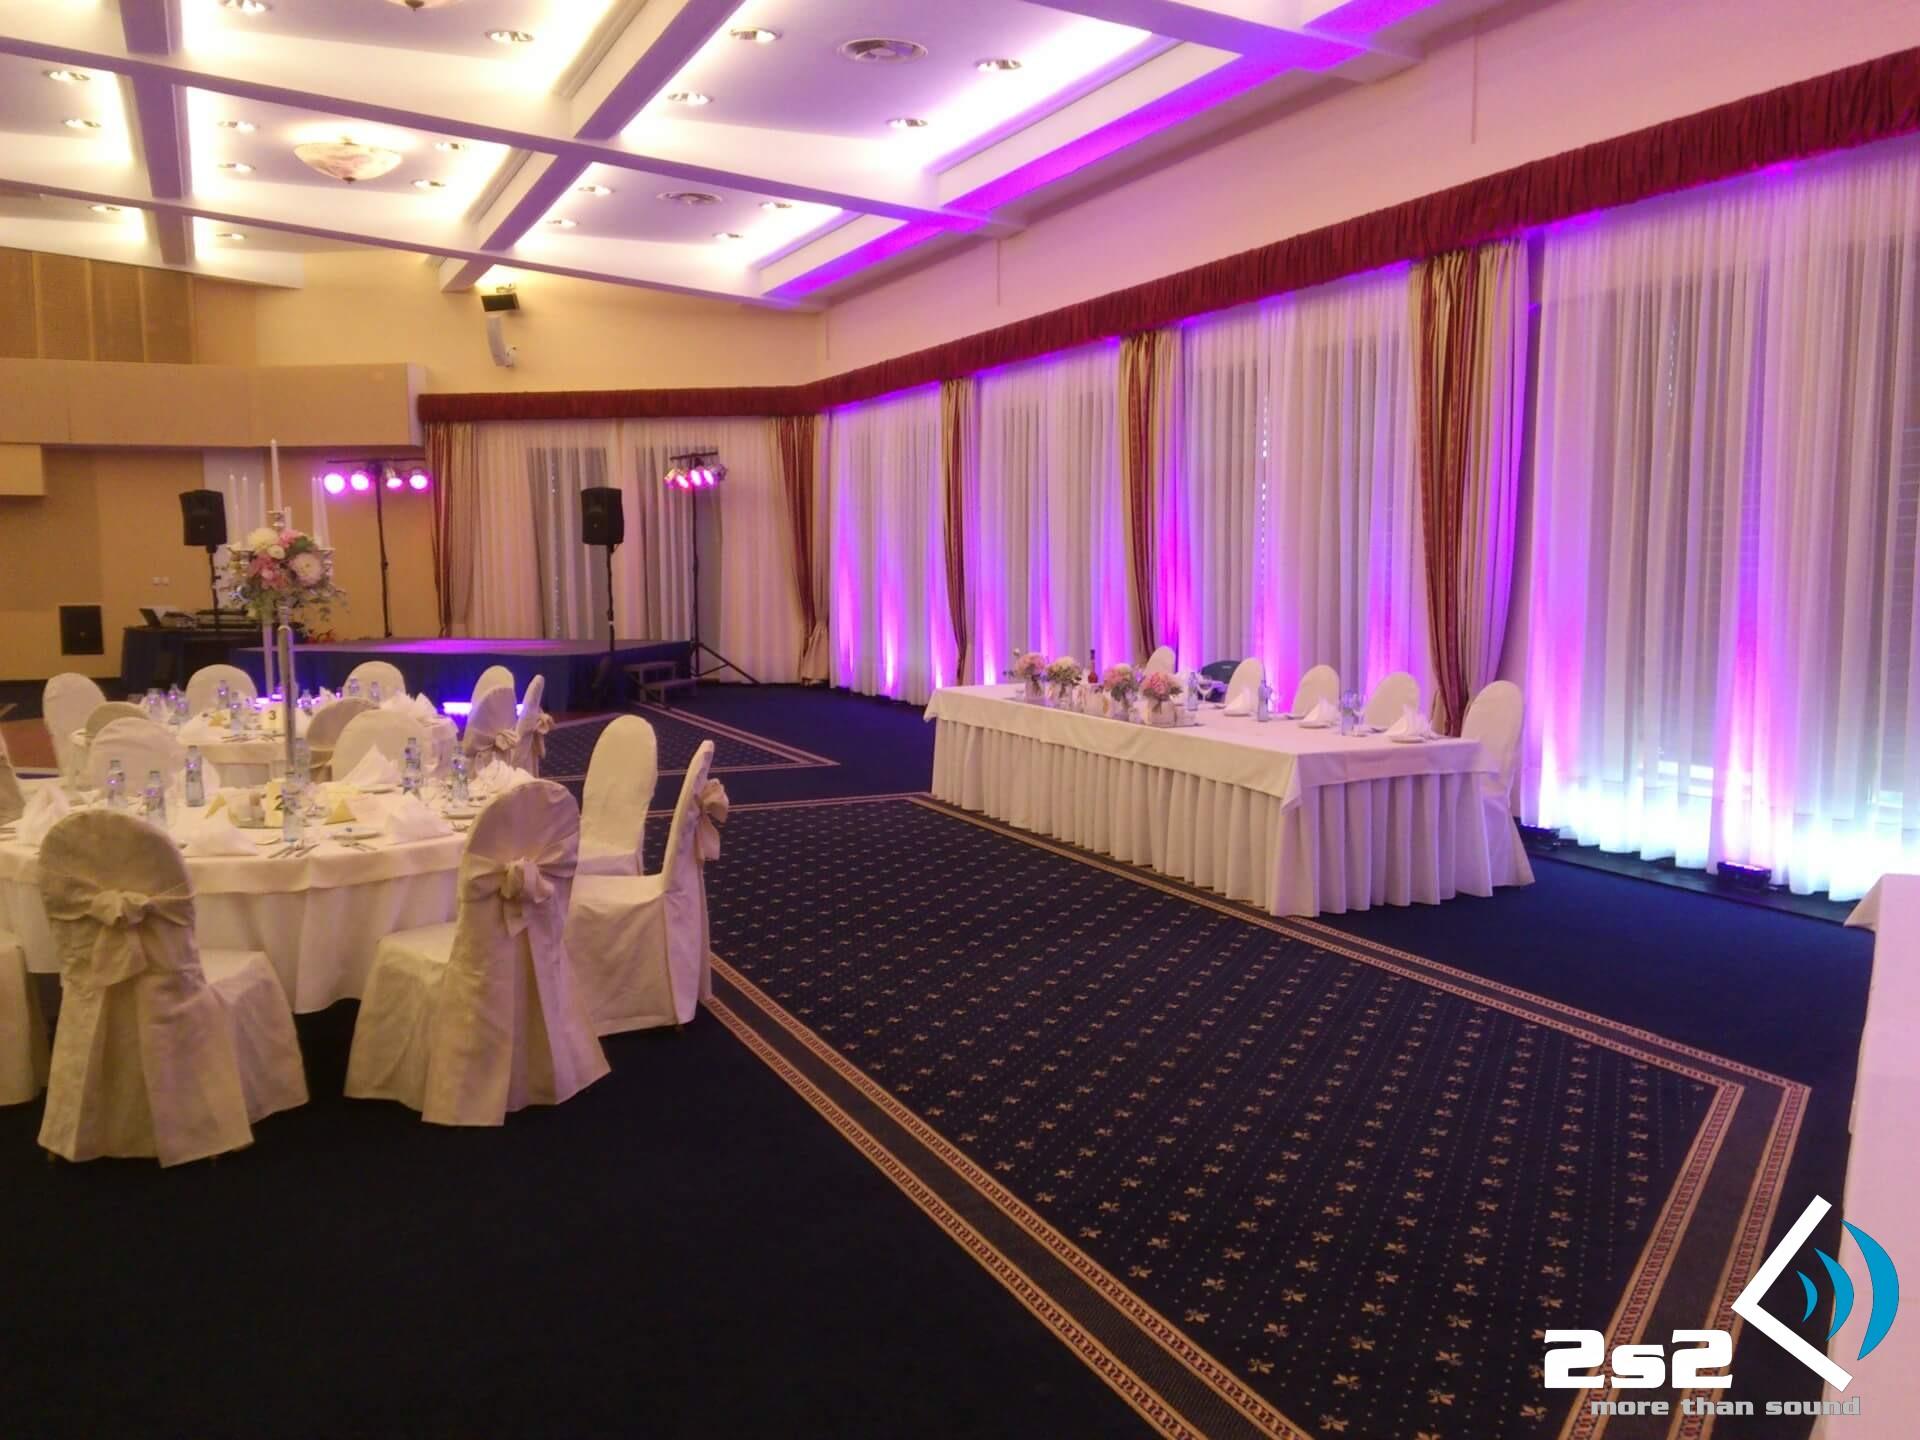 29be680ab DJ na svadbu, DJ na svadbu Poprad, svadobný DJ, hudba na svadbu, DJ, svadba    2s2 Sound   DJ na svadbu, DJ na stužkovú   Ozvučenie, osvetlenie,  pyrotechnika